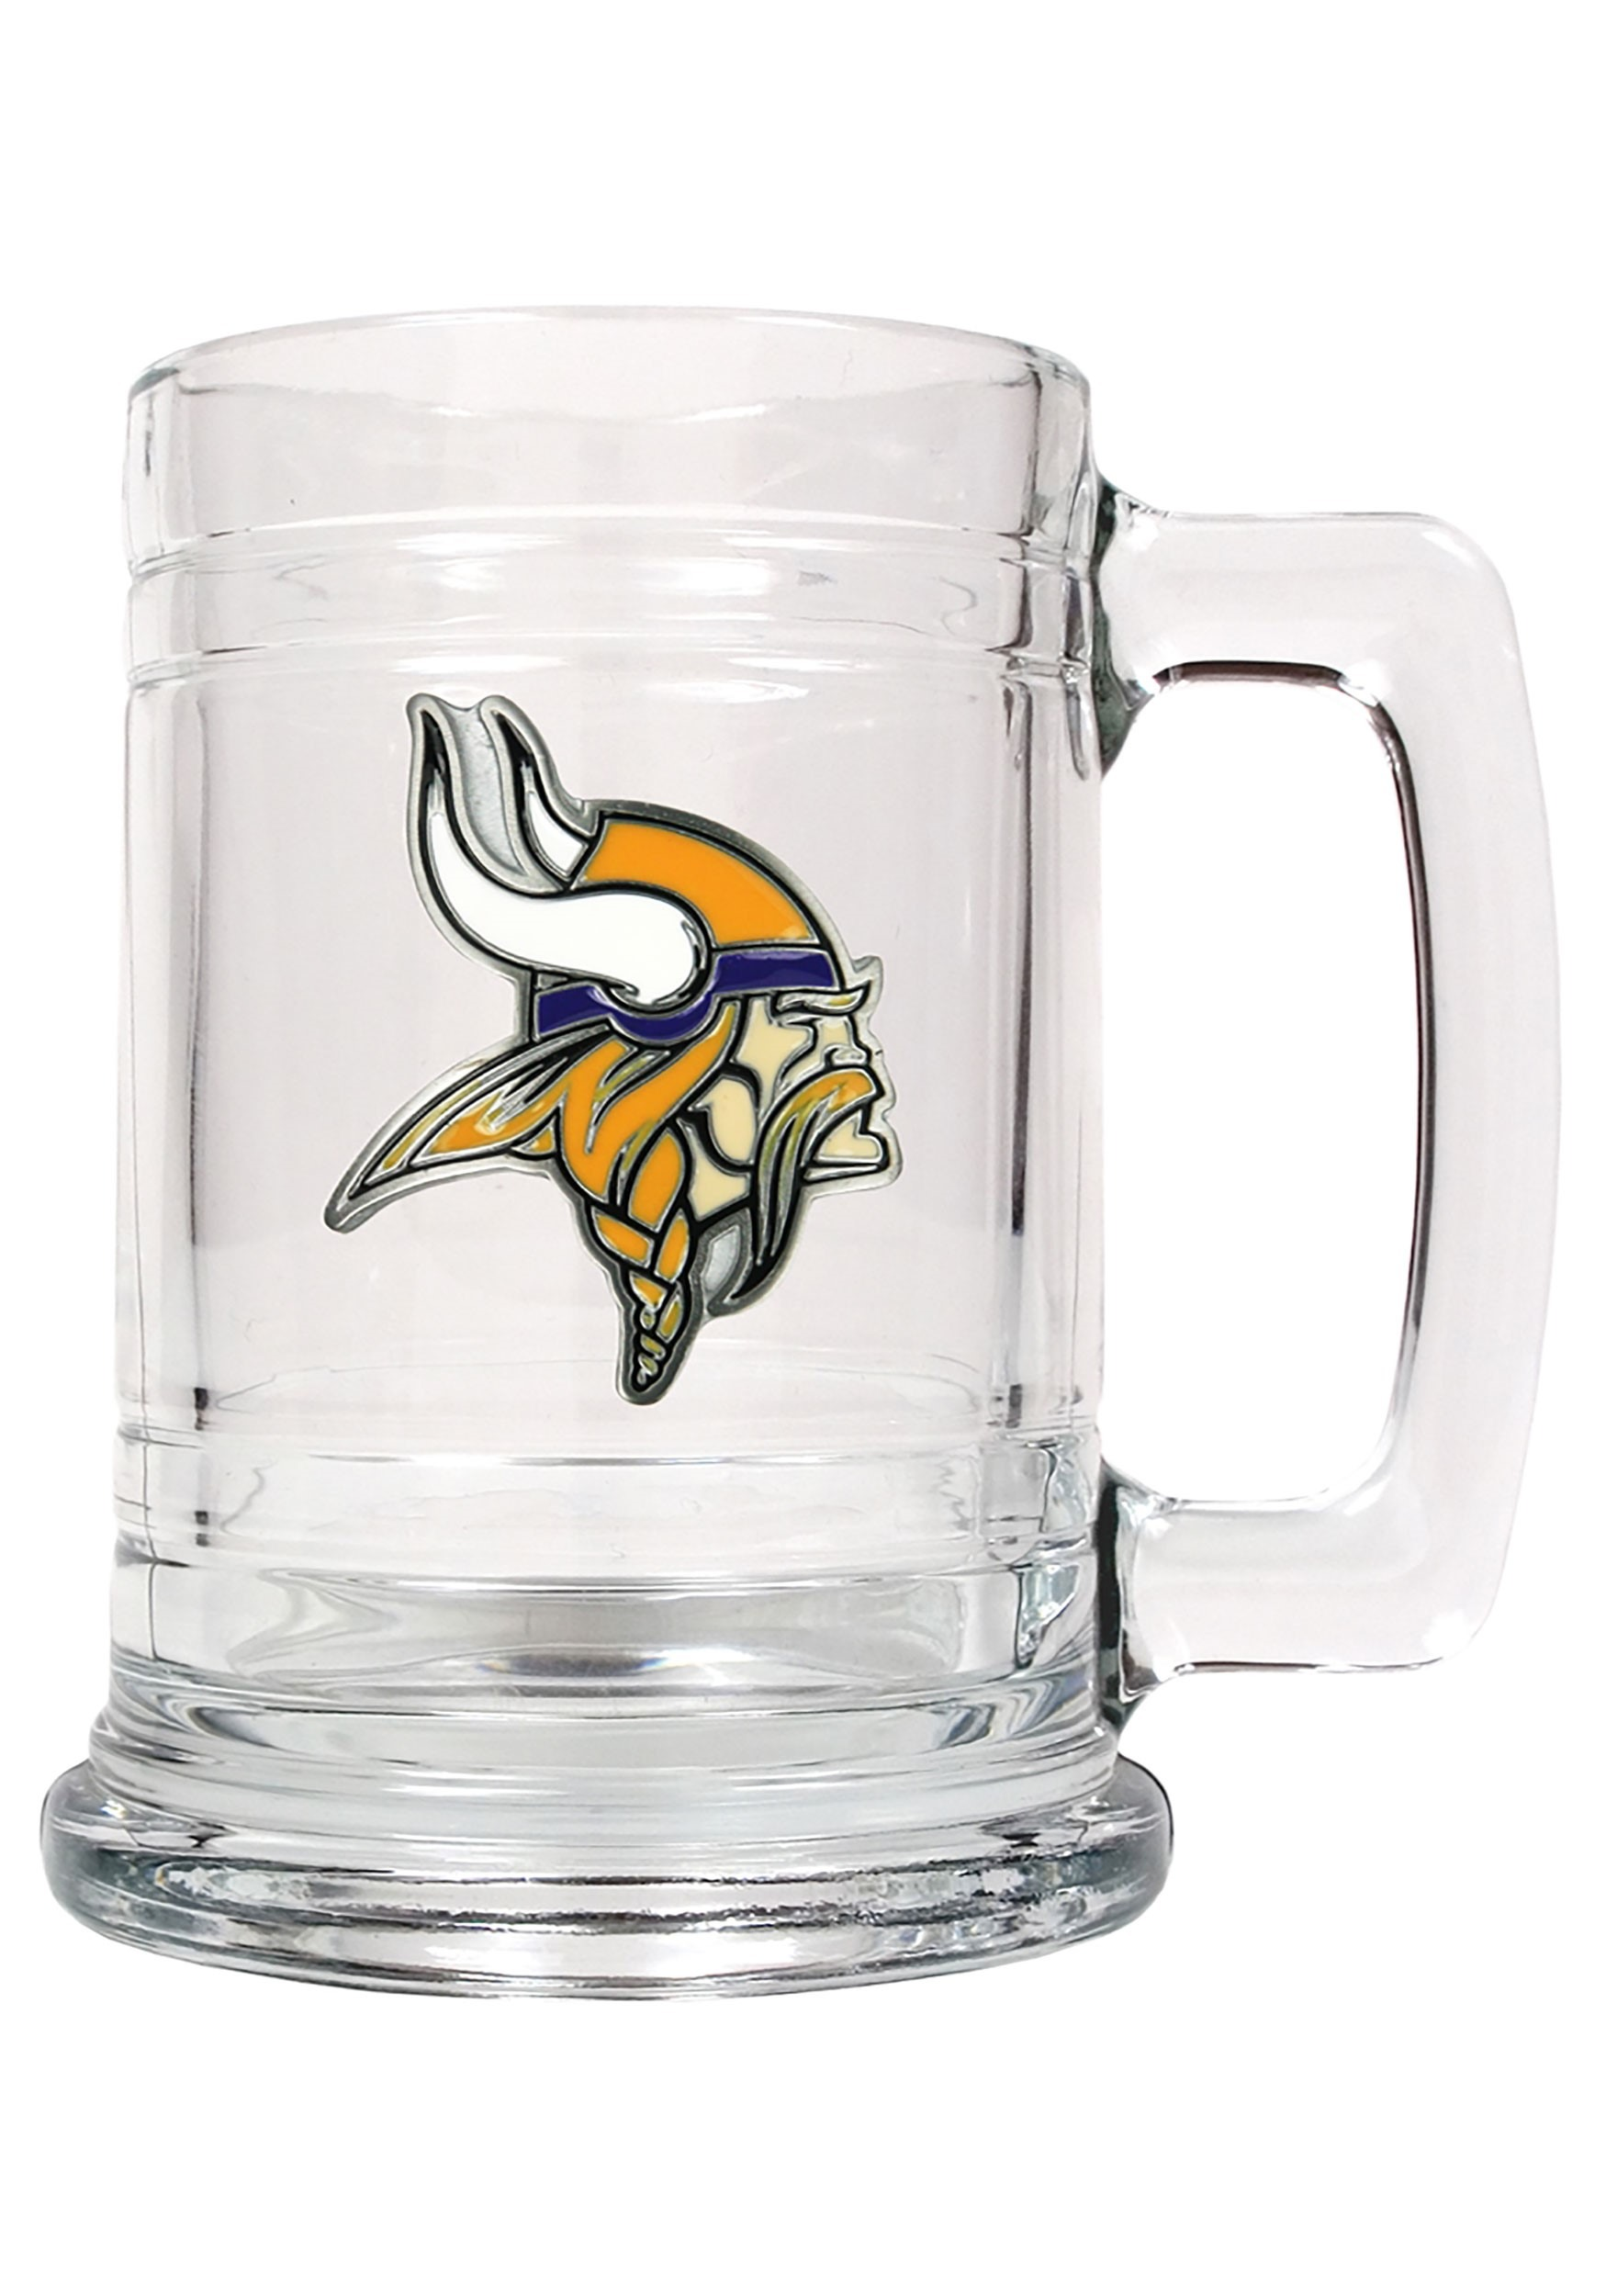 Minnesota Vikings NFL Logo 15oz. Classic Tankard